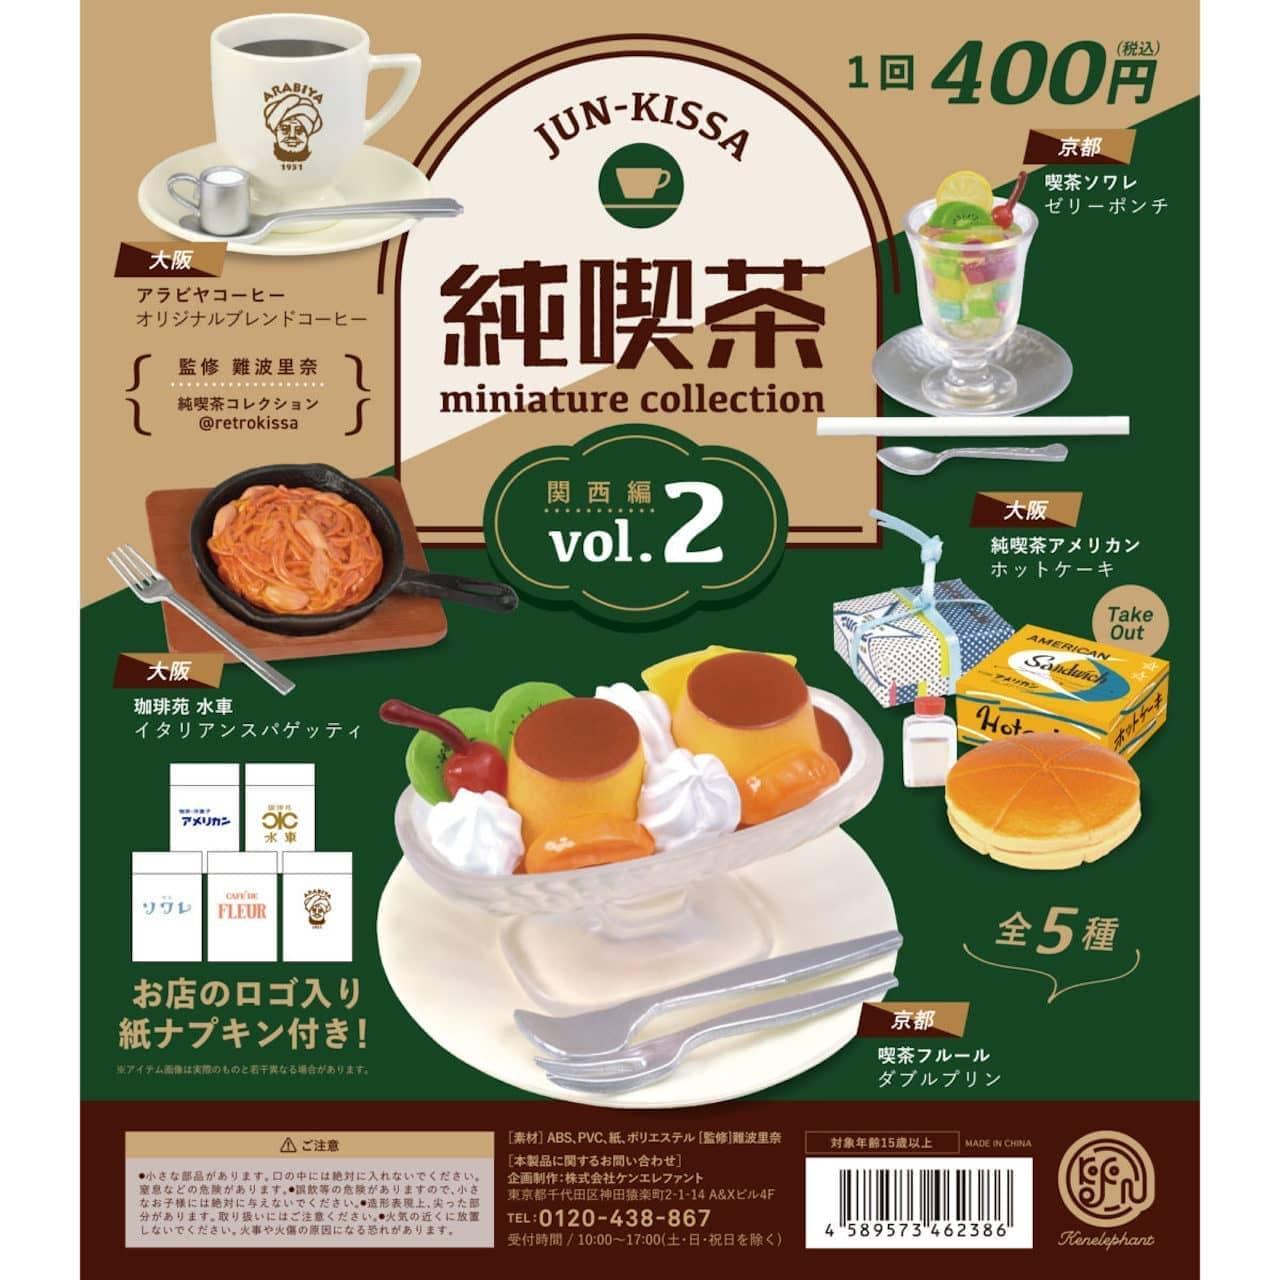 ケンエレファント「純喫茶 ミニチュアコレクション vol.2」